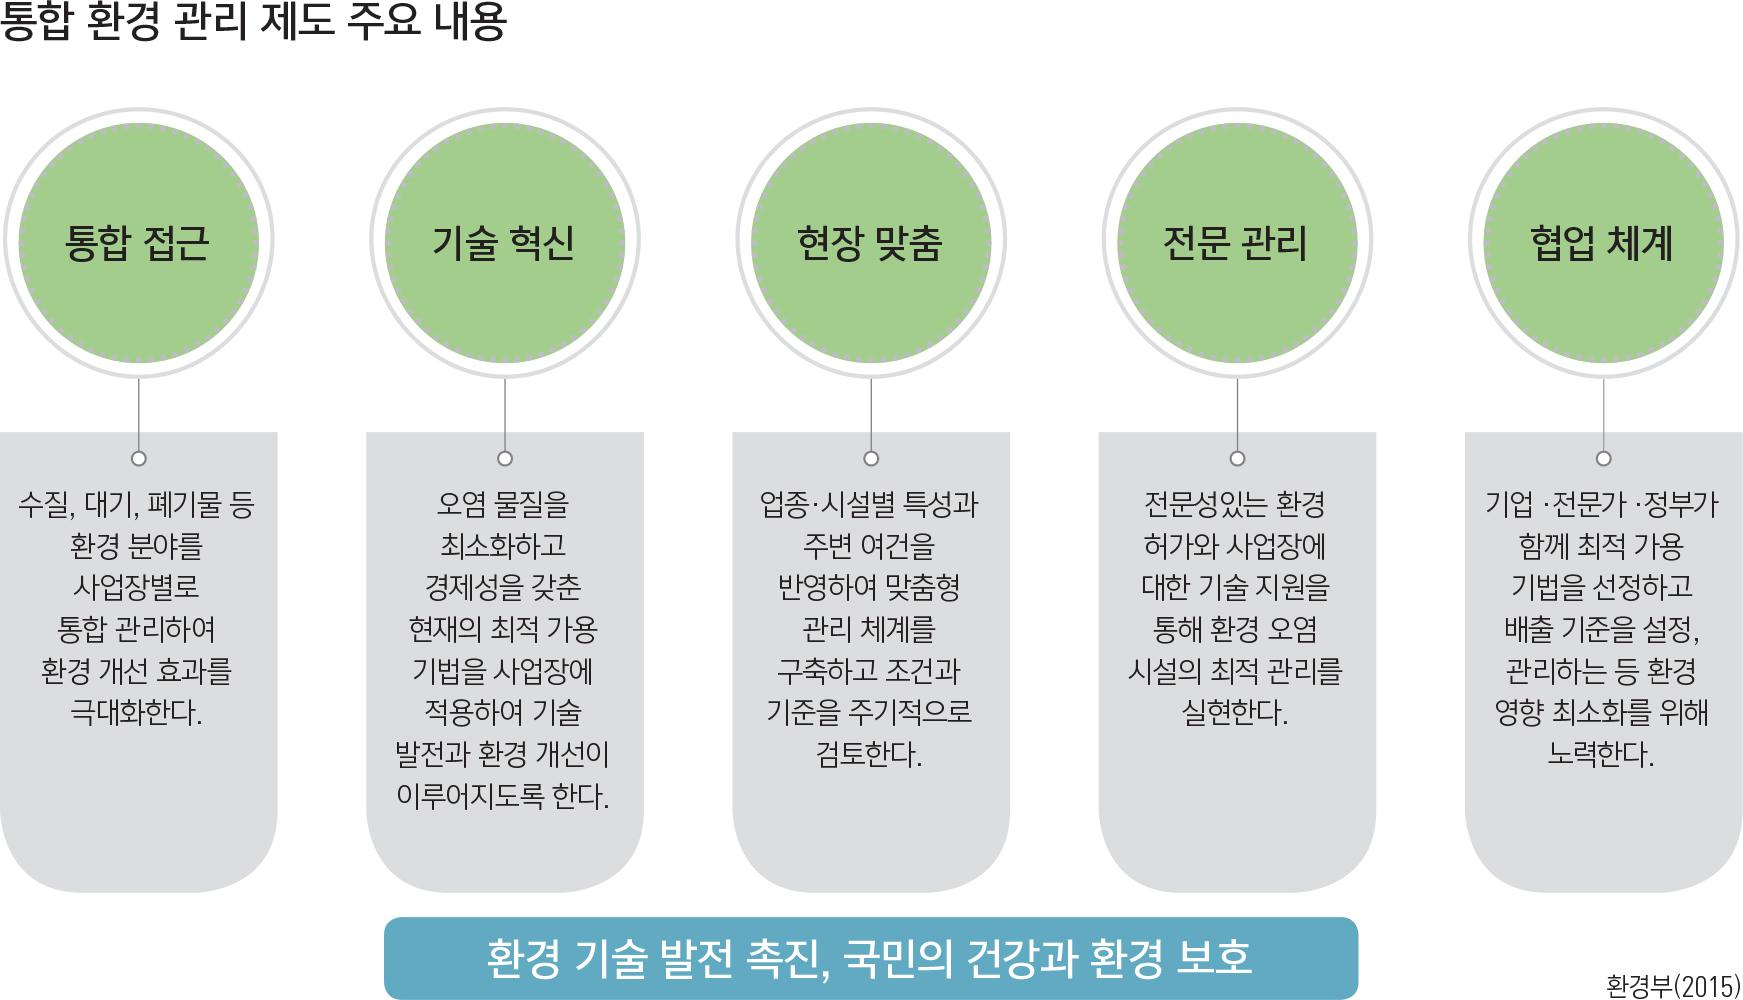 통합 환경 관리 제도 주요 내용